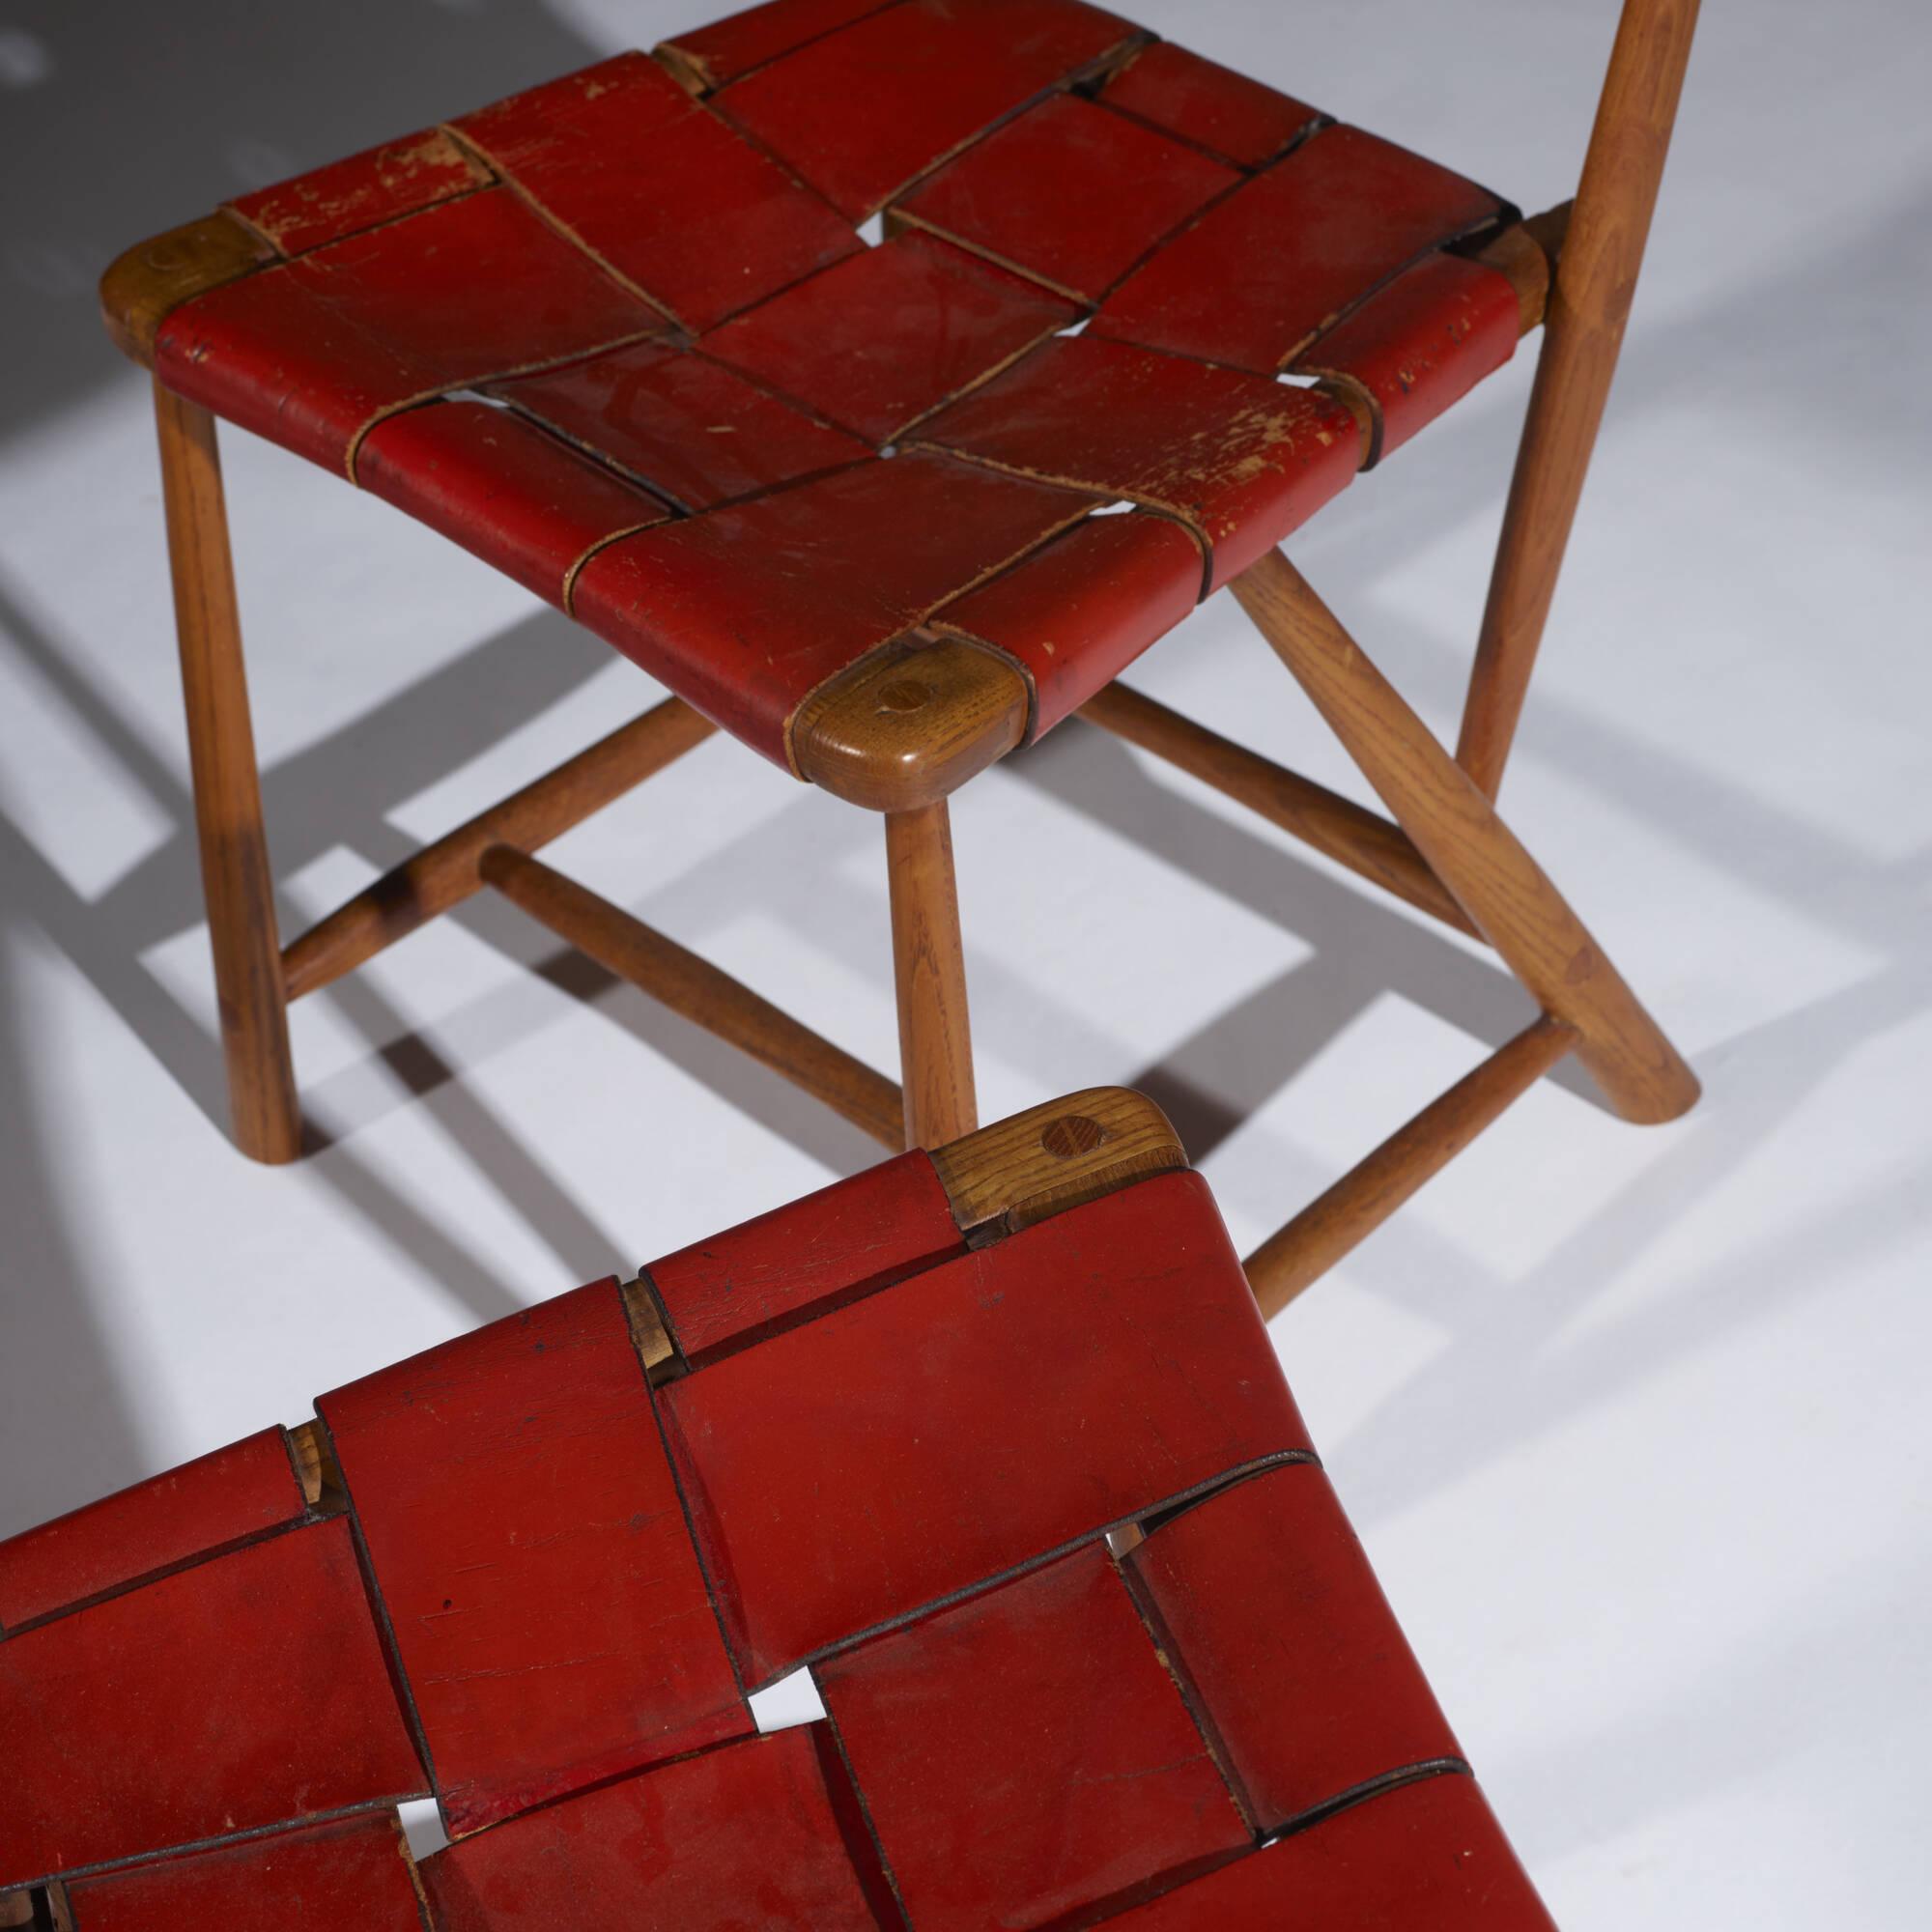 254: Wharton Esherick / Hammer Handle chairs, pair (3 of 4)